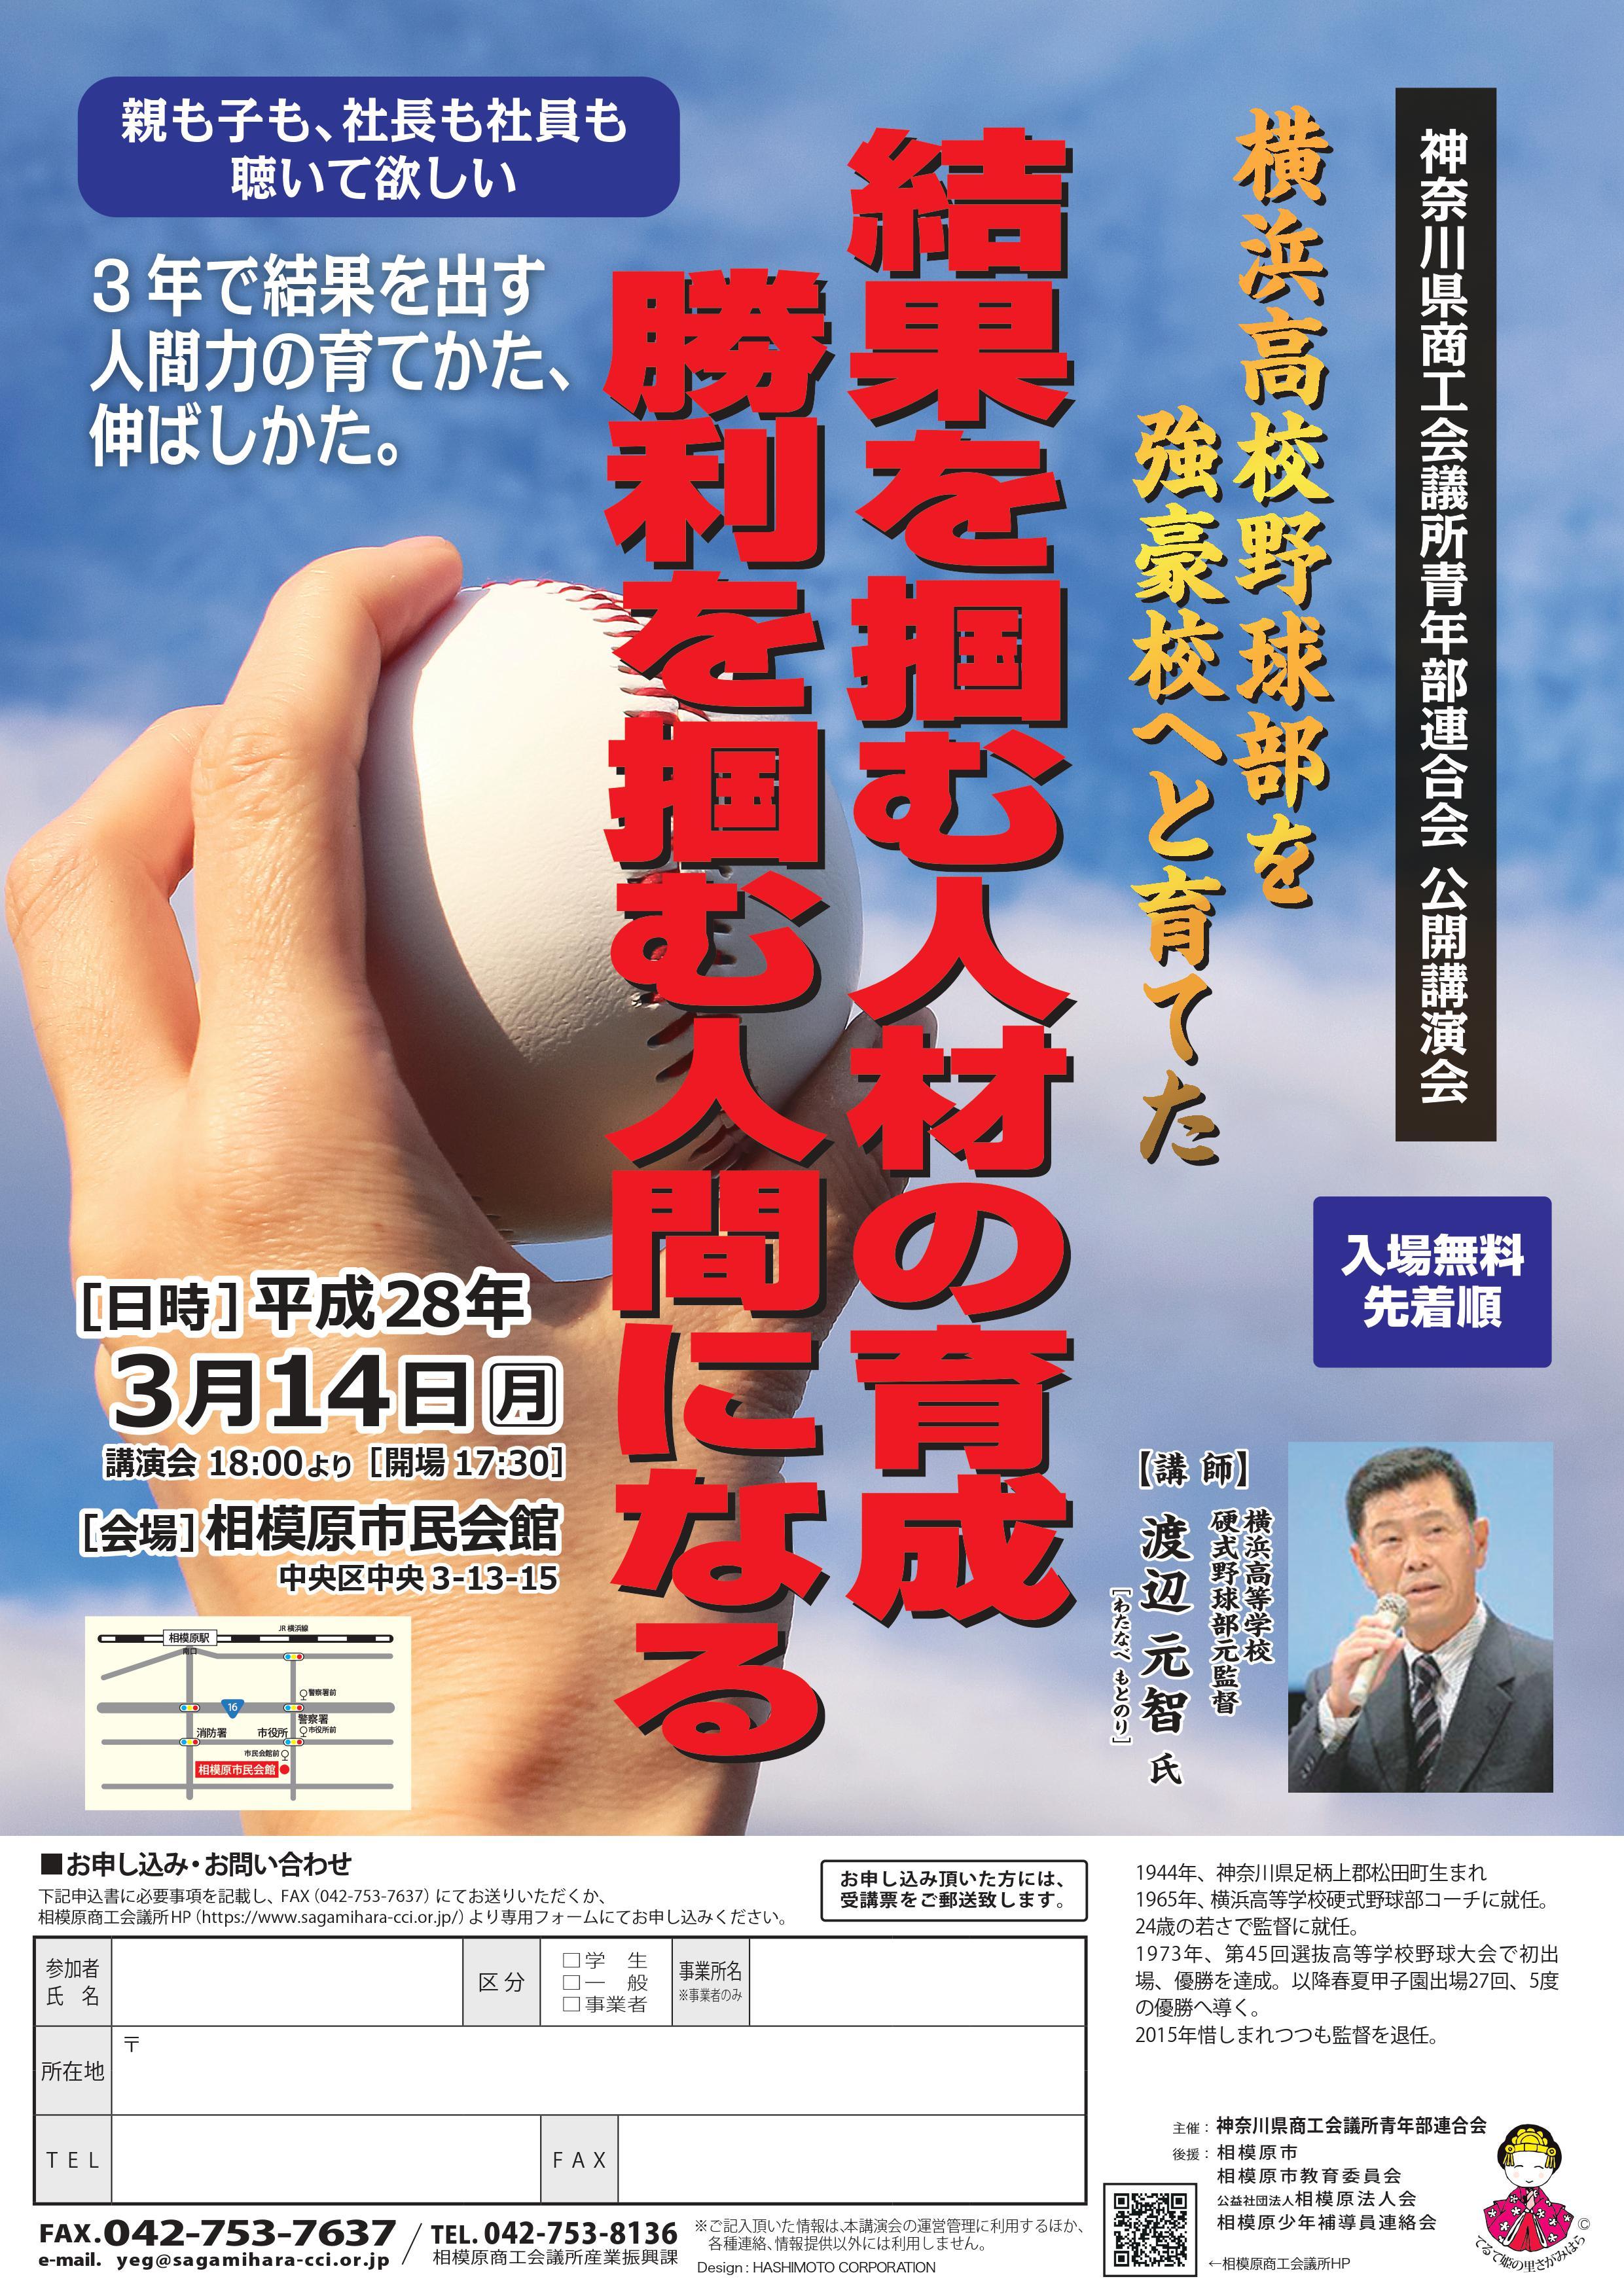 渡辺元智氏 講演会(神奈川県商工会議所青年部連合会)